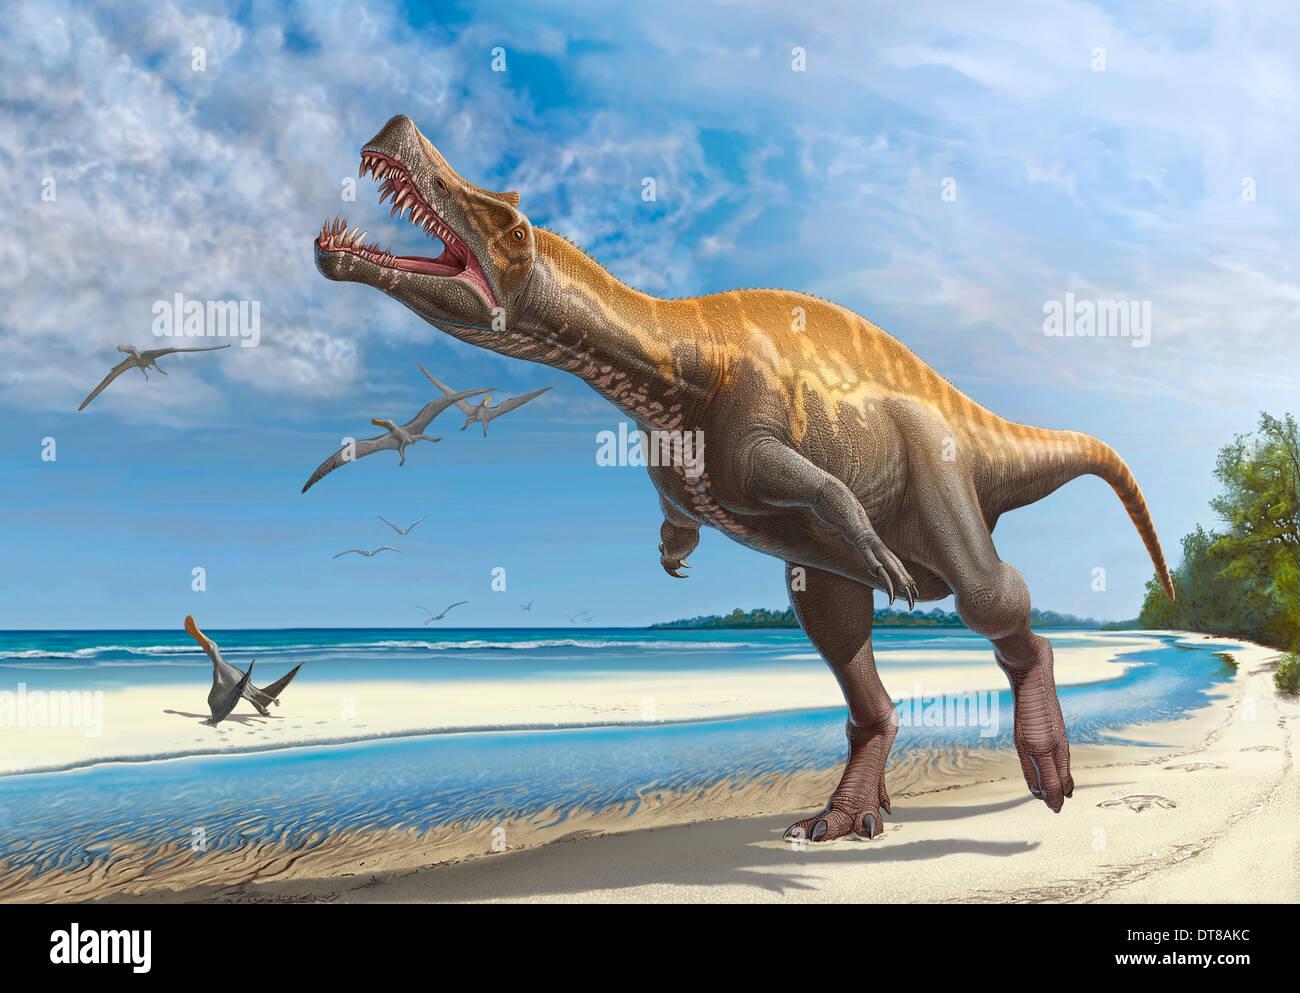 Irritator challengeri permite un fuerte estruendo mientras caminaba por una orilla del Cretáceo. Imagen De Stock